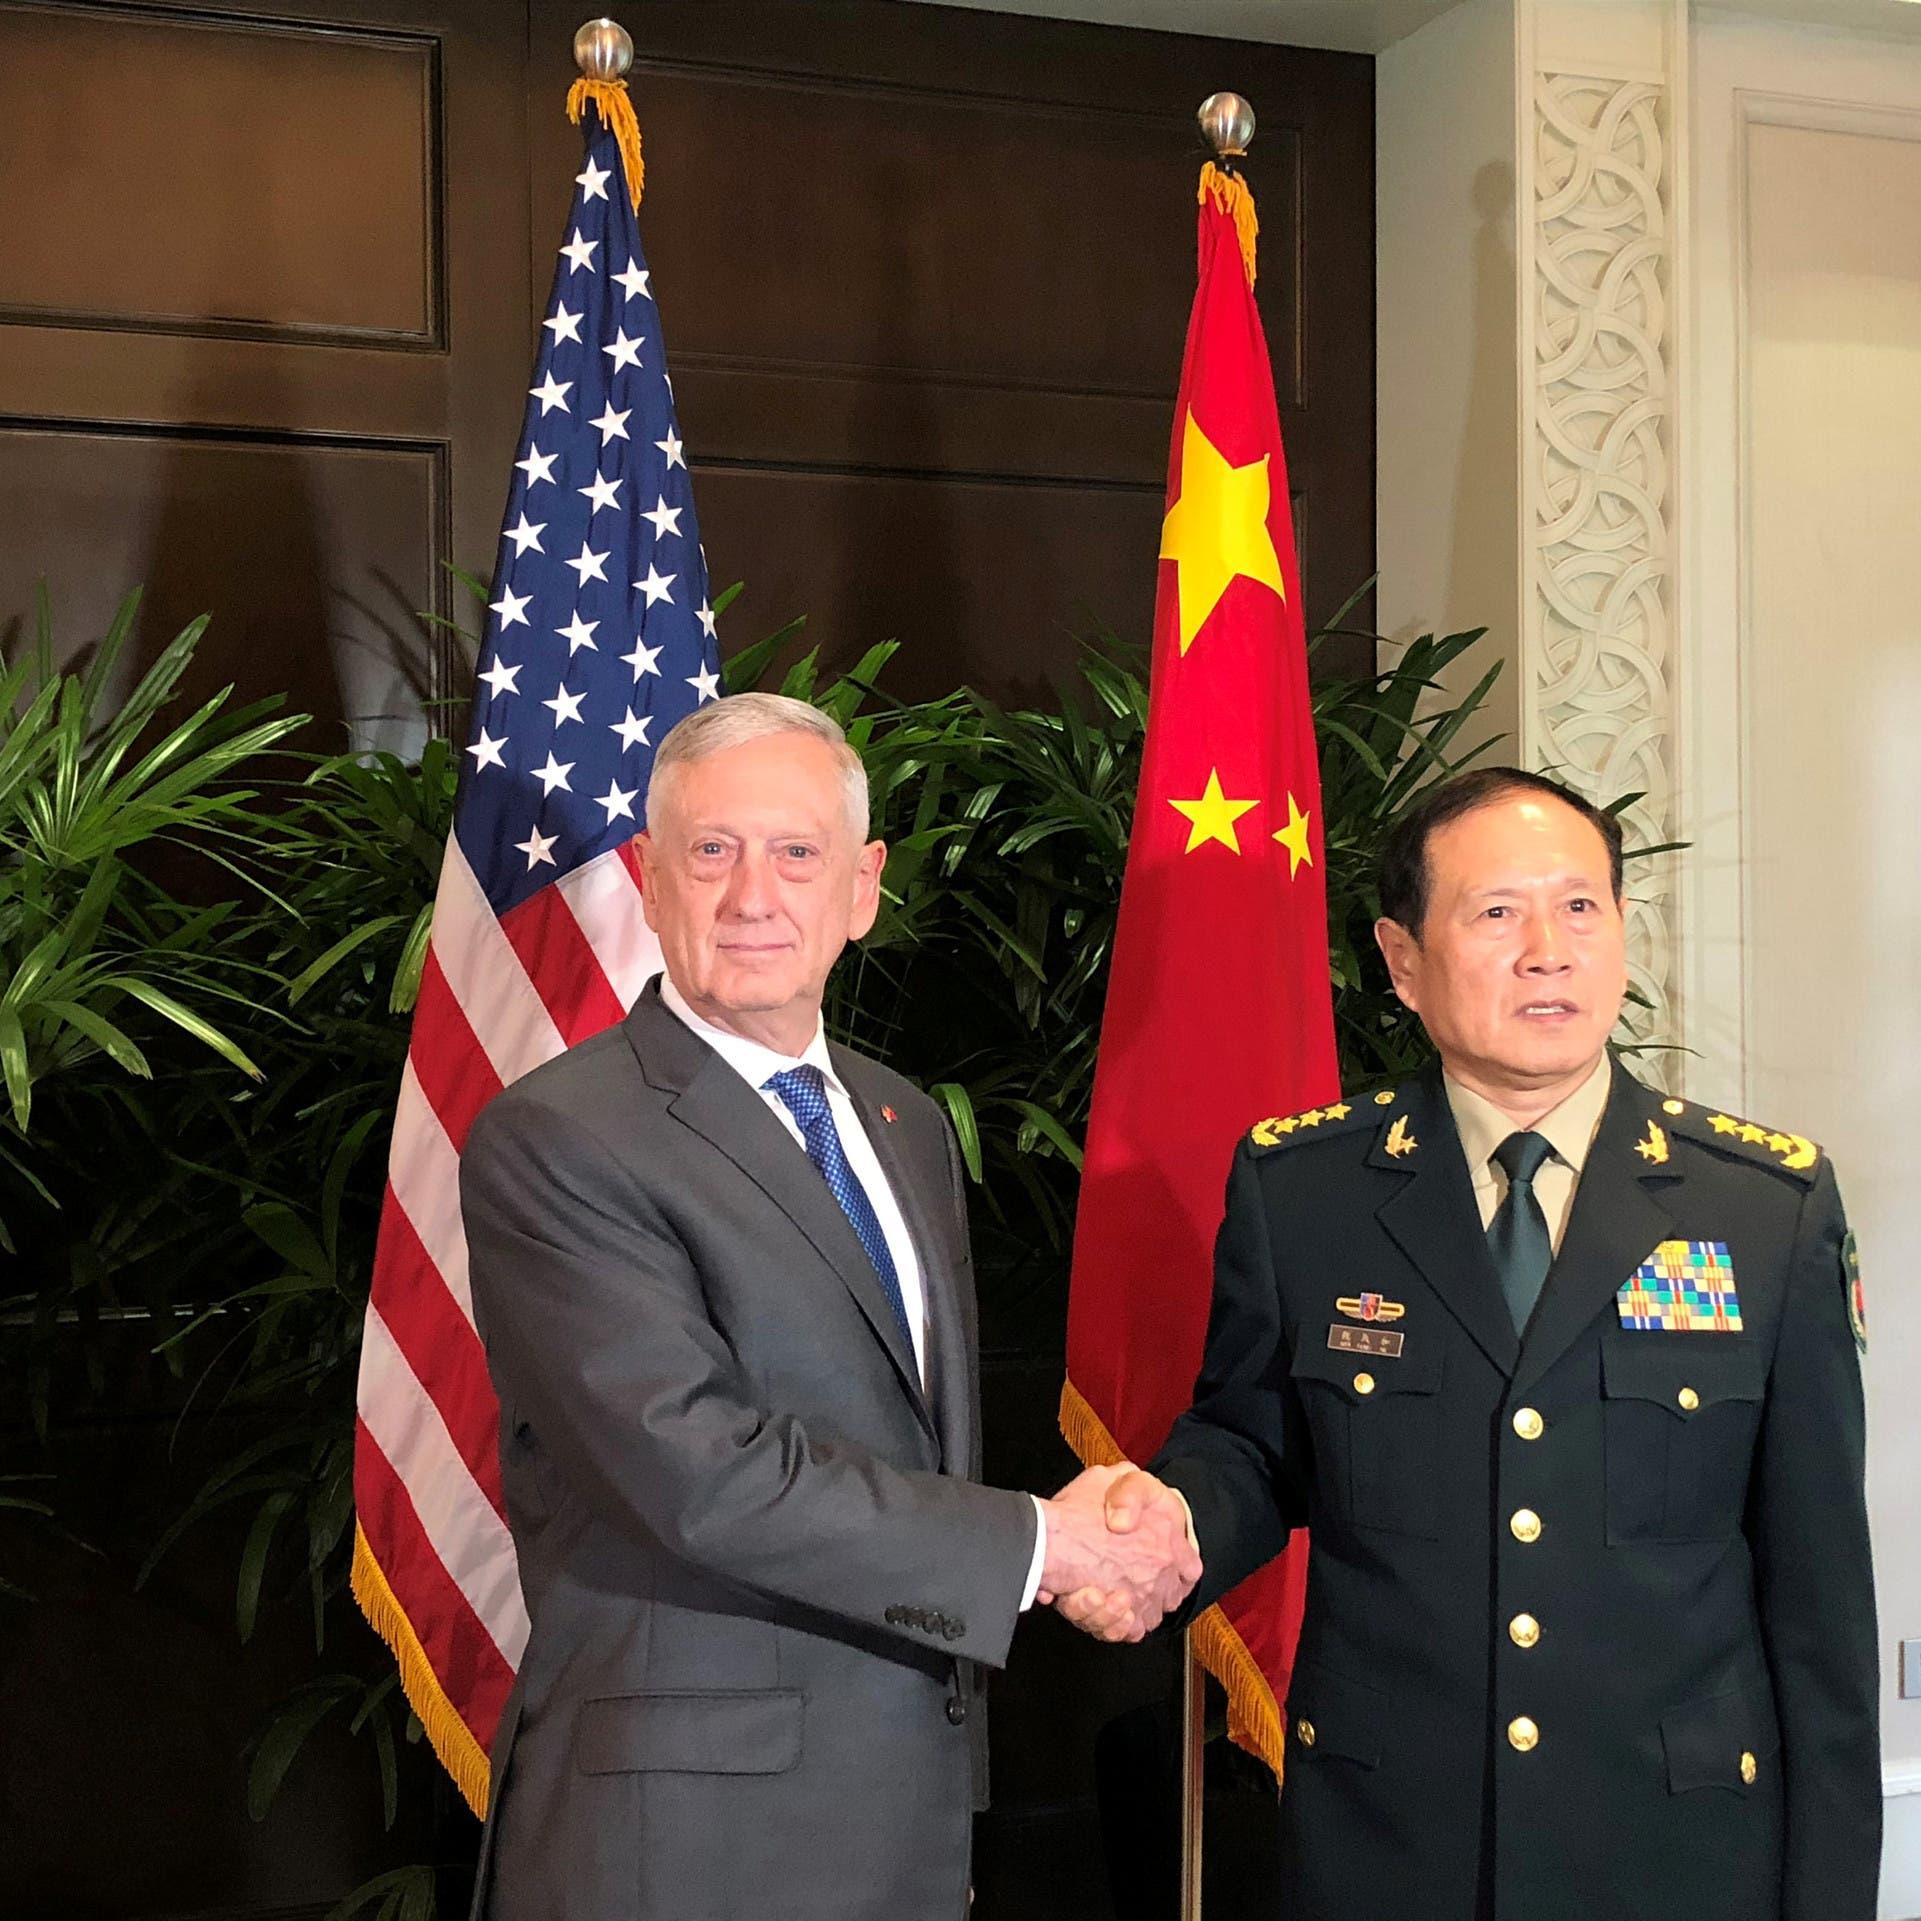 وزير الدفاع الصيني يزور واشنطن الأسبوع المقبل